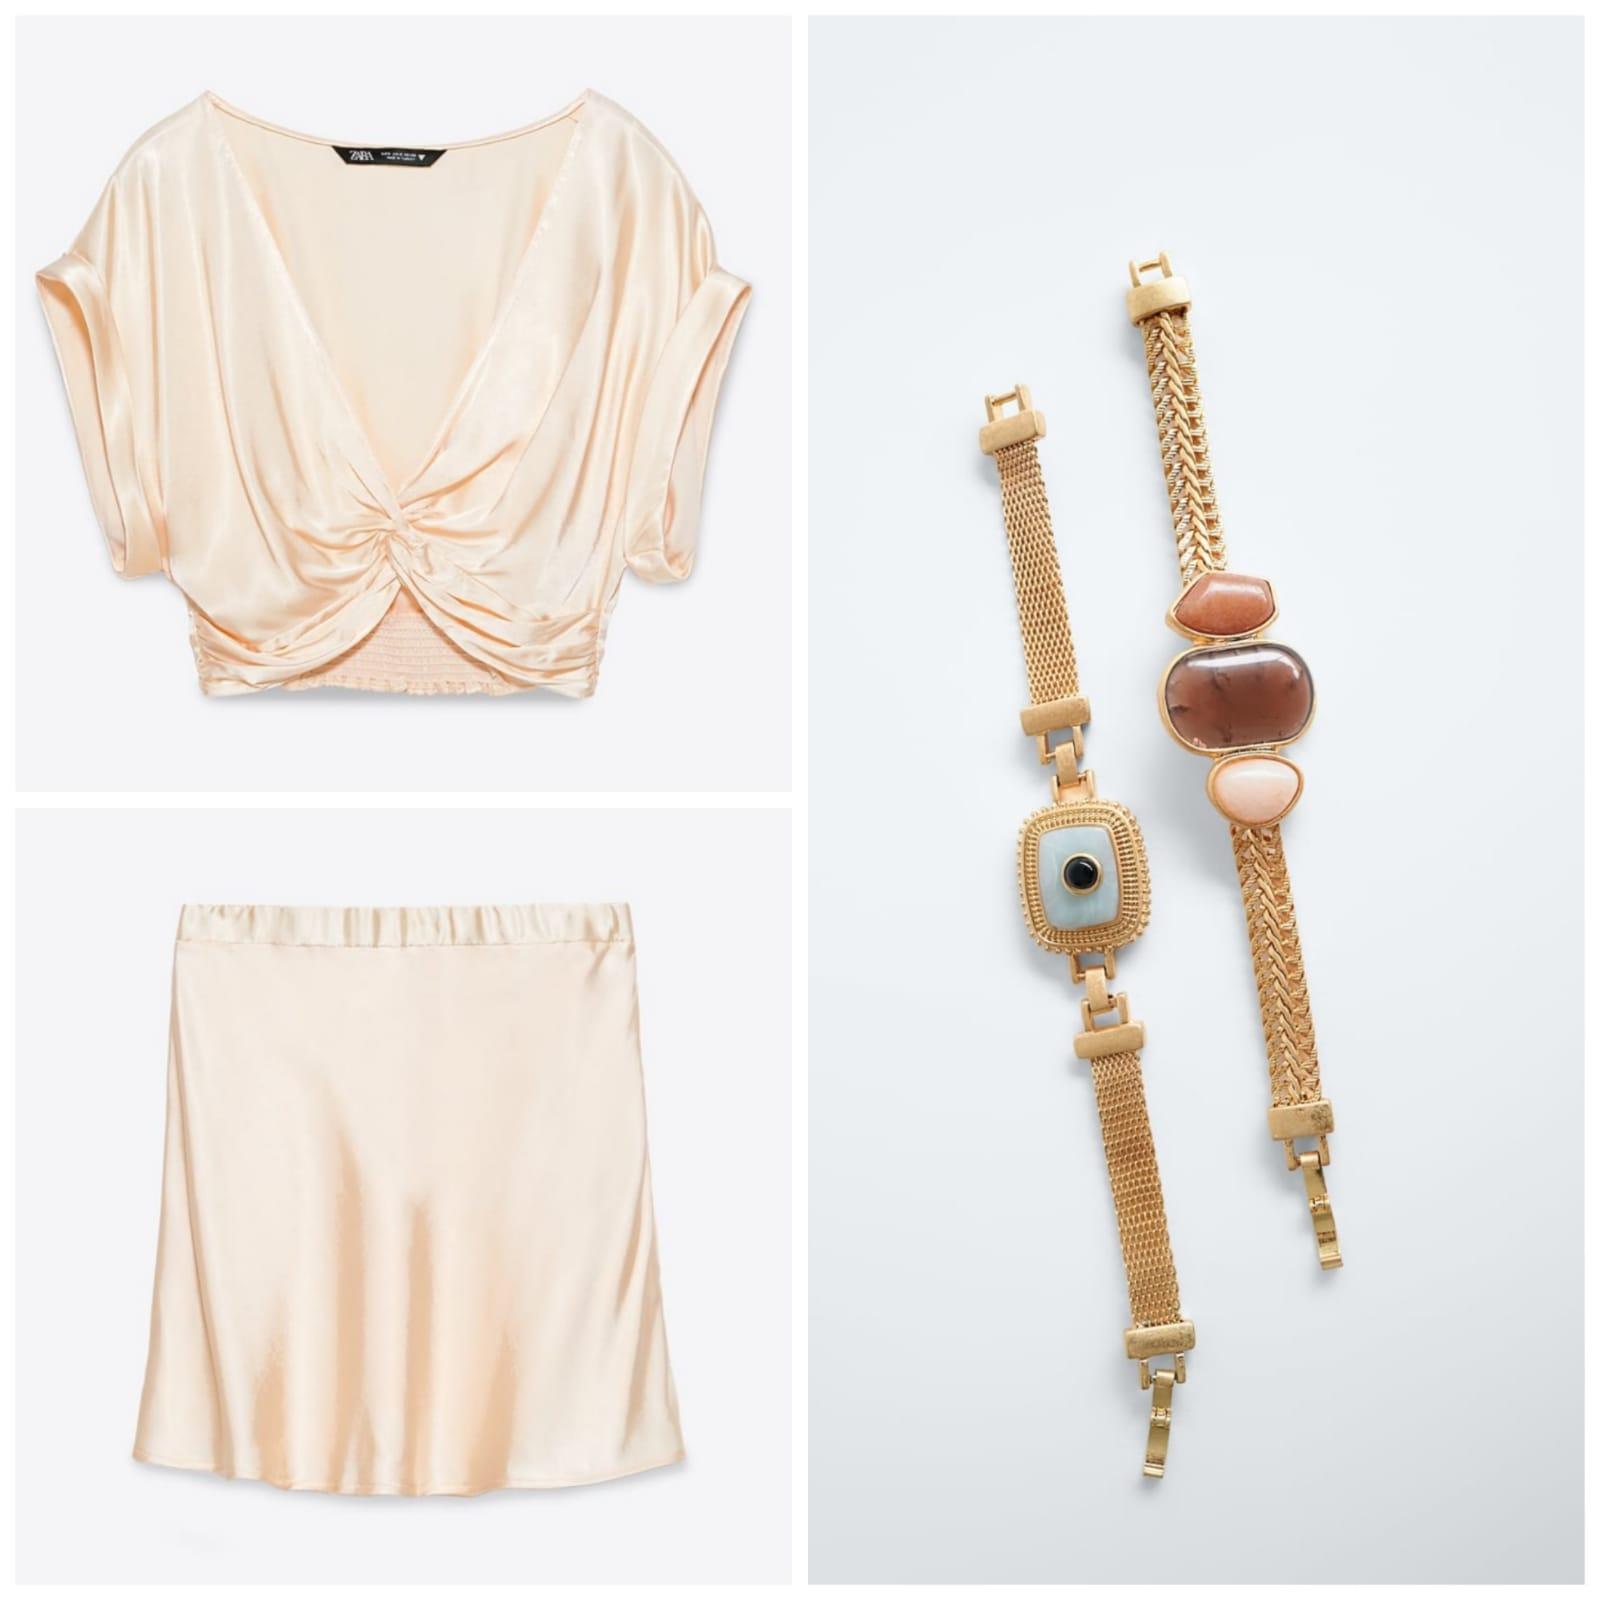 total look de Zara top y falda satinada y pulseras